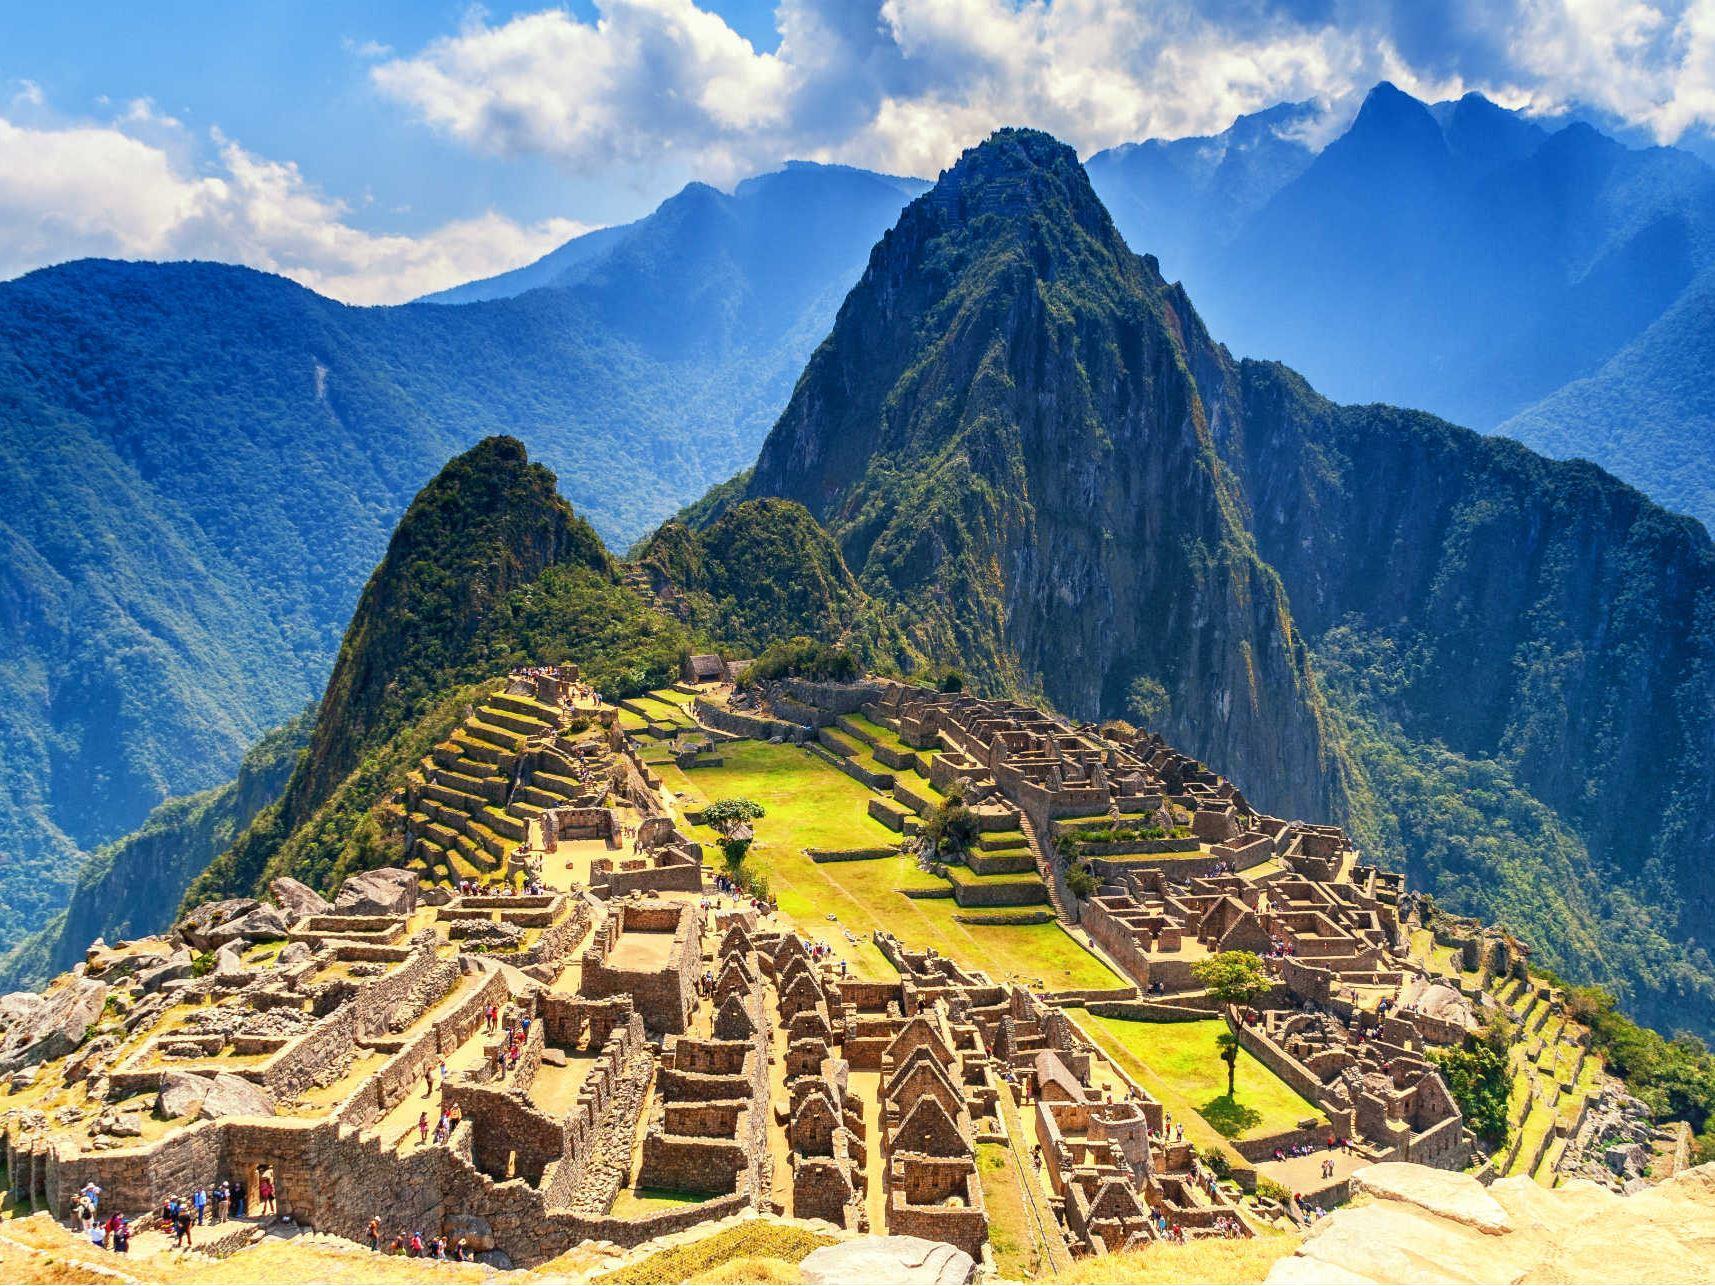 Peru Bolivya Şili Uyuni 13 Nisan 2020 Hareket